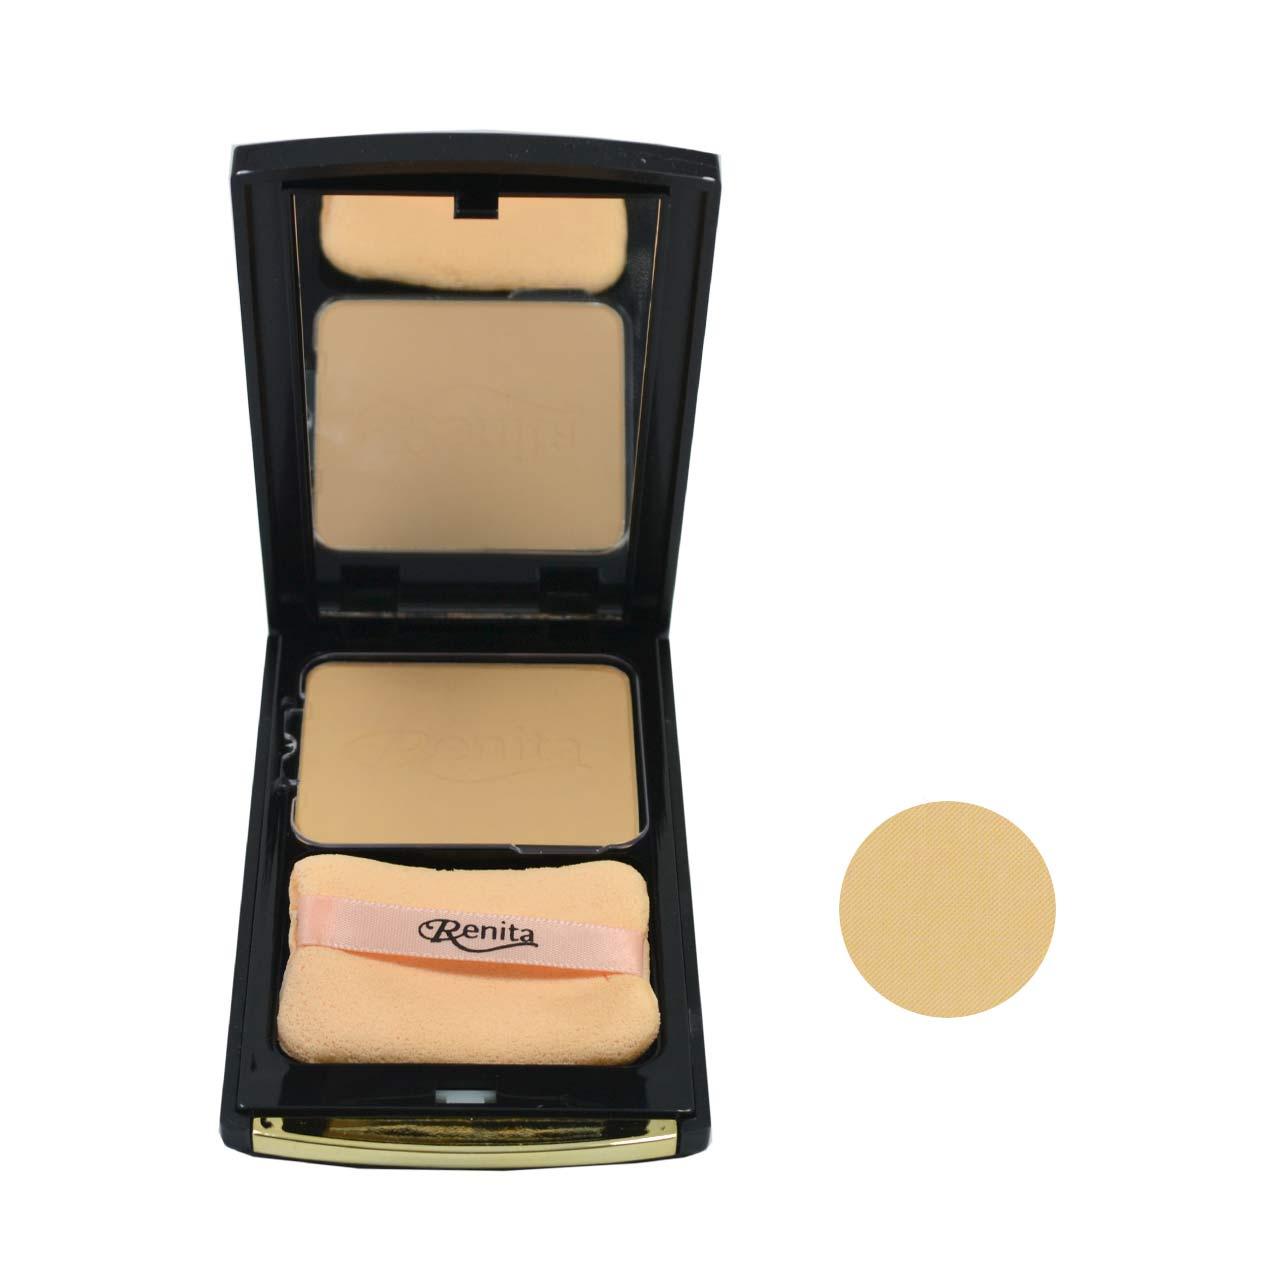 پنکک رنیتا شماره p2 مدل Perfect  Cover حجم 15 میلی لیتر